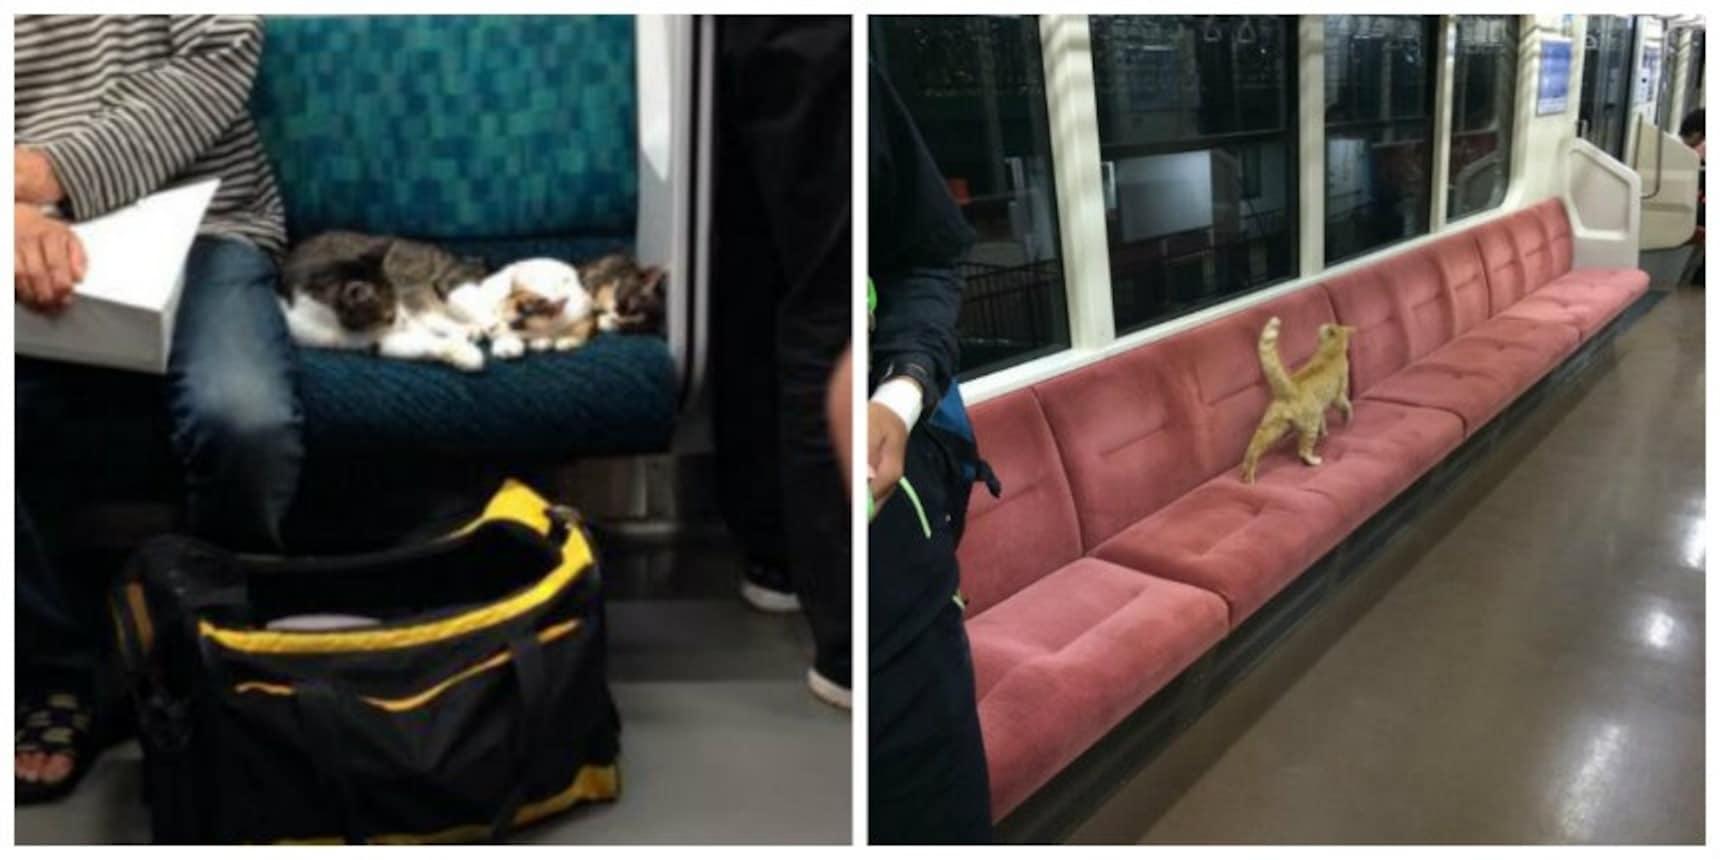 เหล่าแมวขี้สงสัย กับการผจญภัยบนรถไฟ